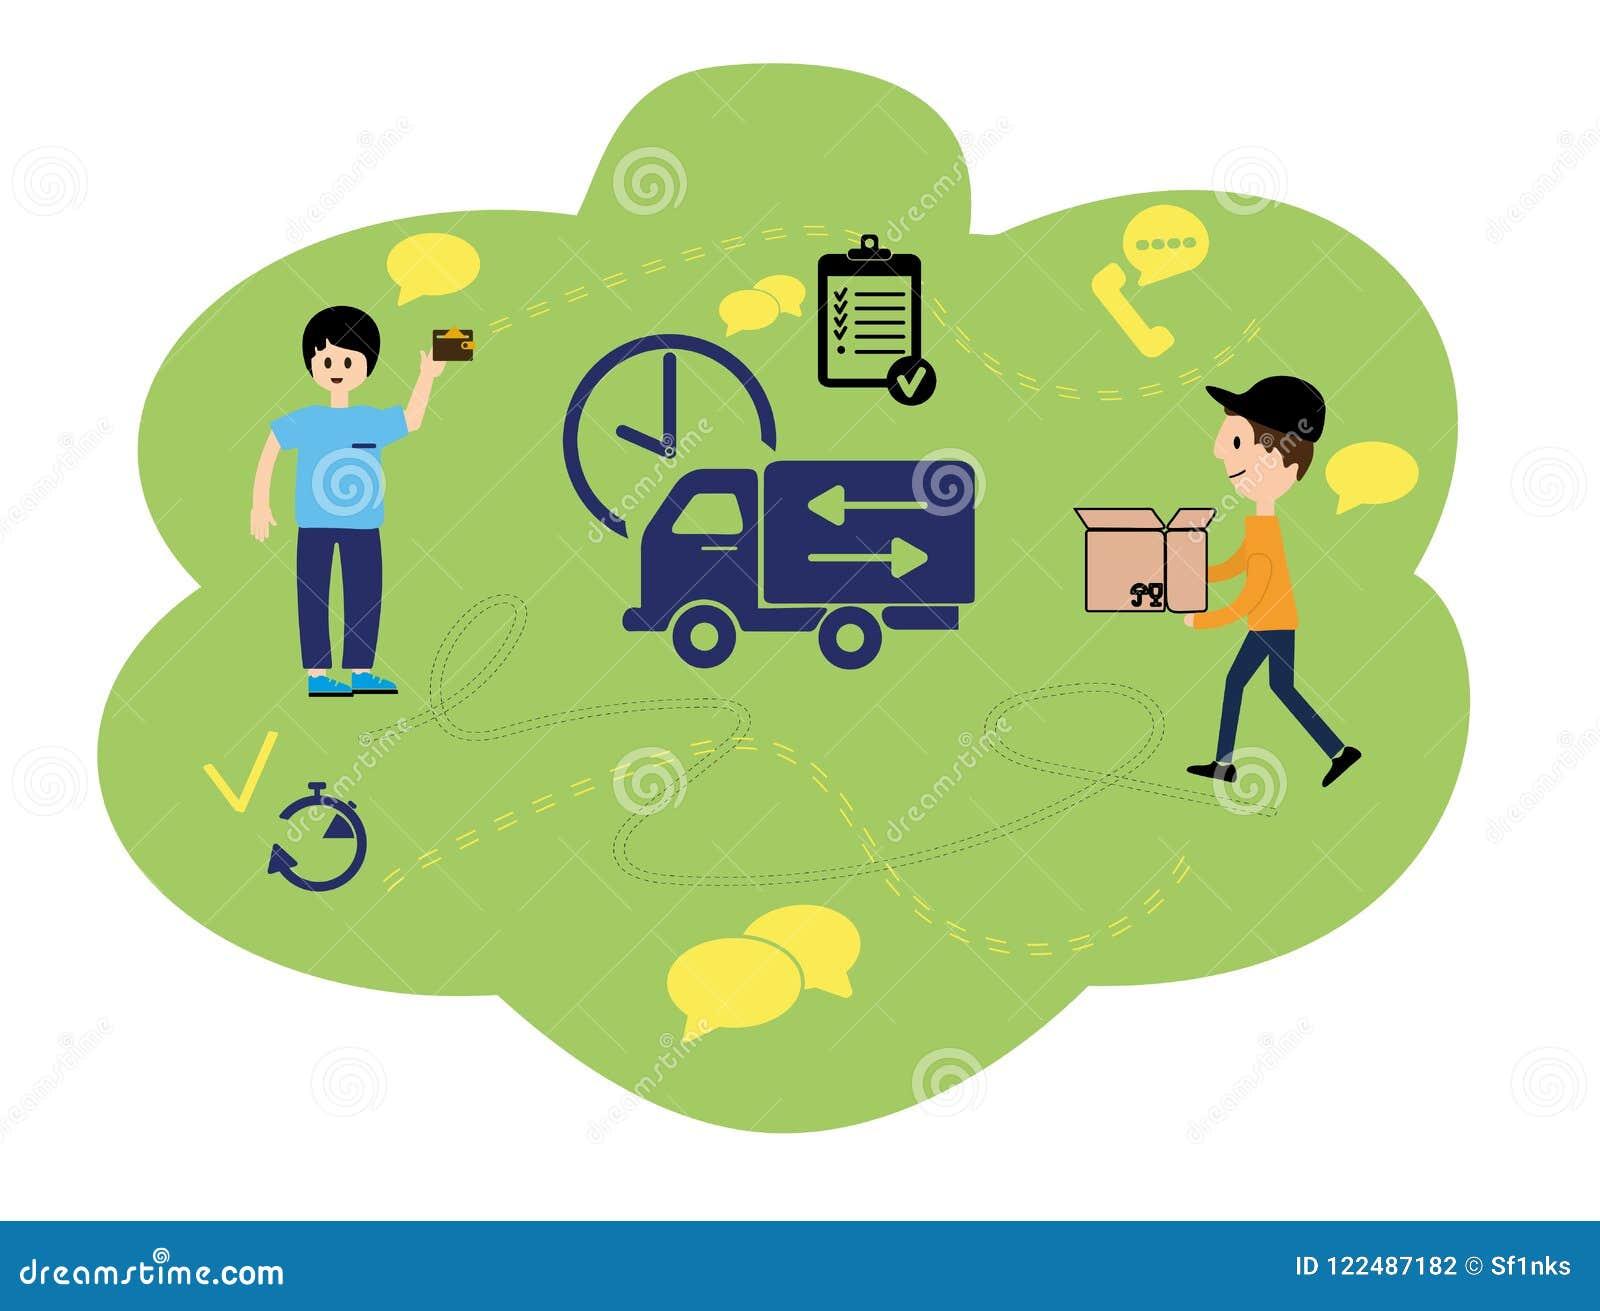 Vector иллюстрация, плоский стиль, различные магазины, скидки, приобретение товаров и подарки, концепция приобретения и голодайте